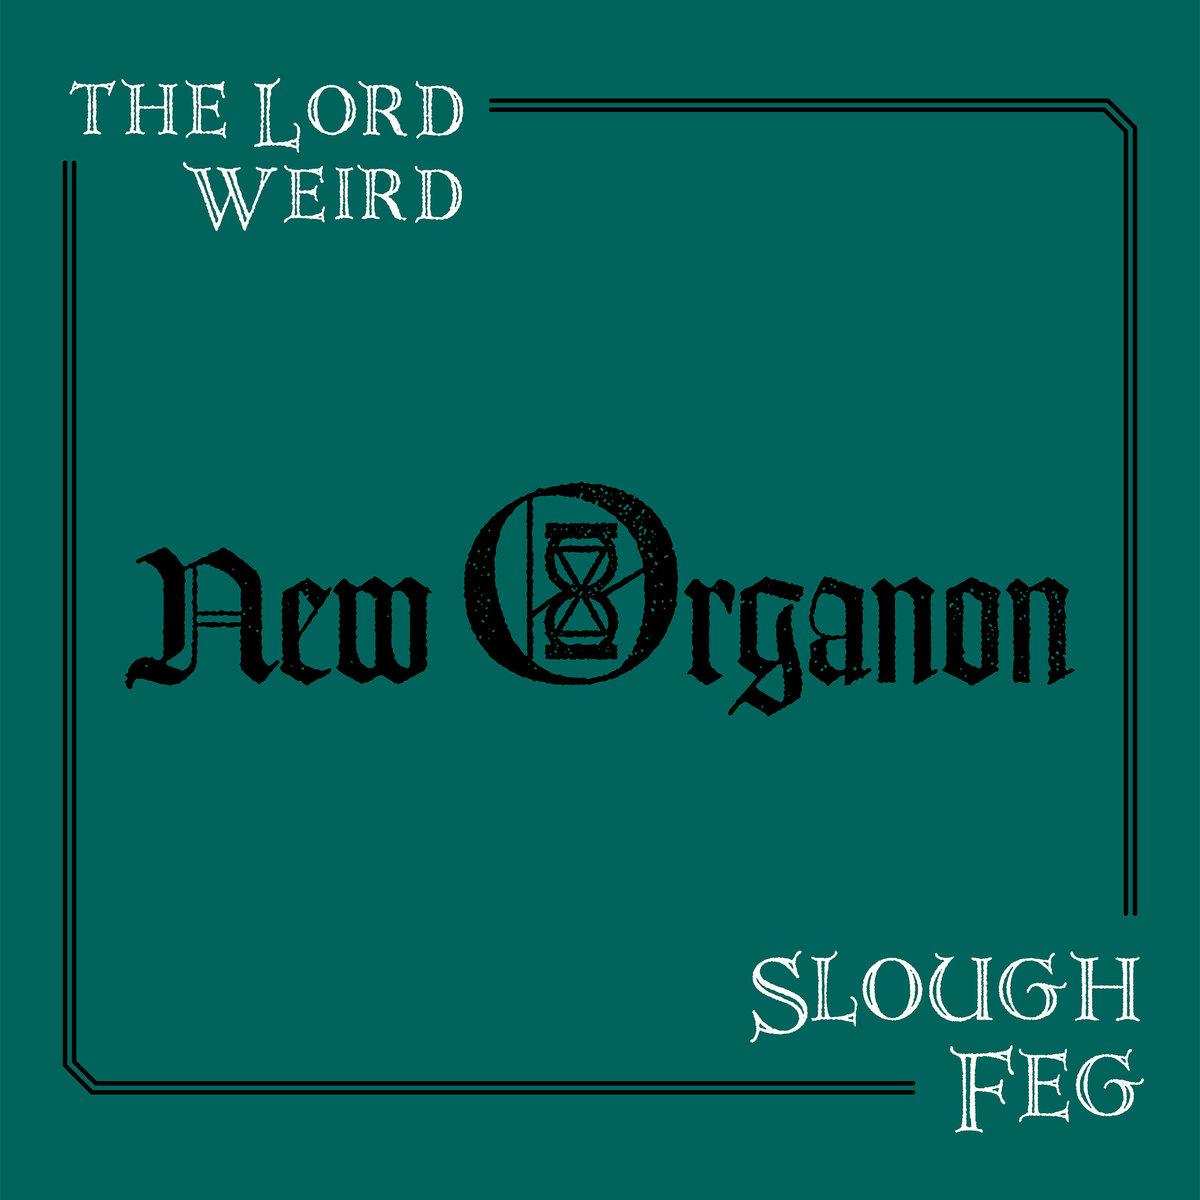 SLOUGH FEG - New Organon cover